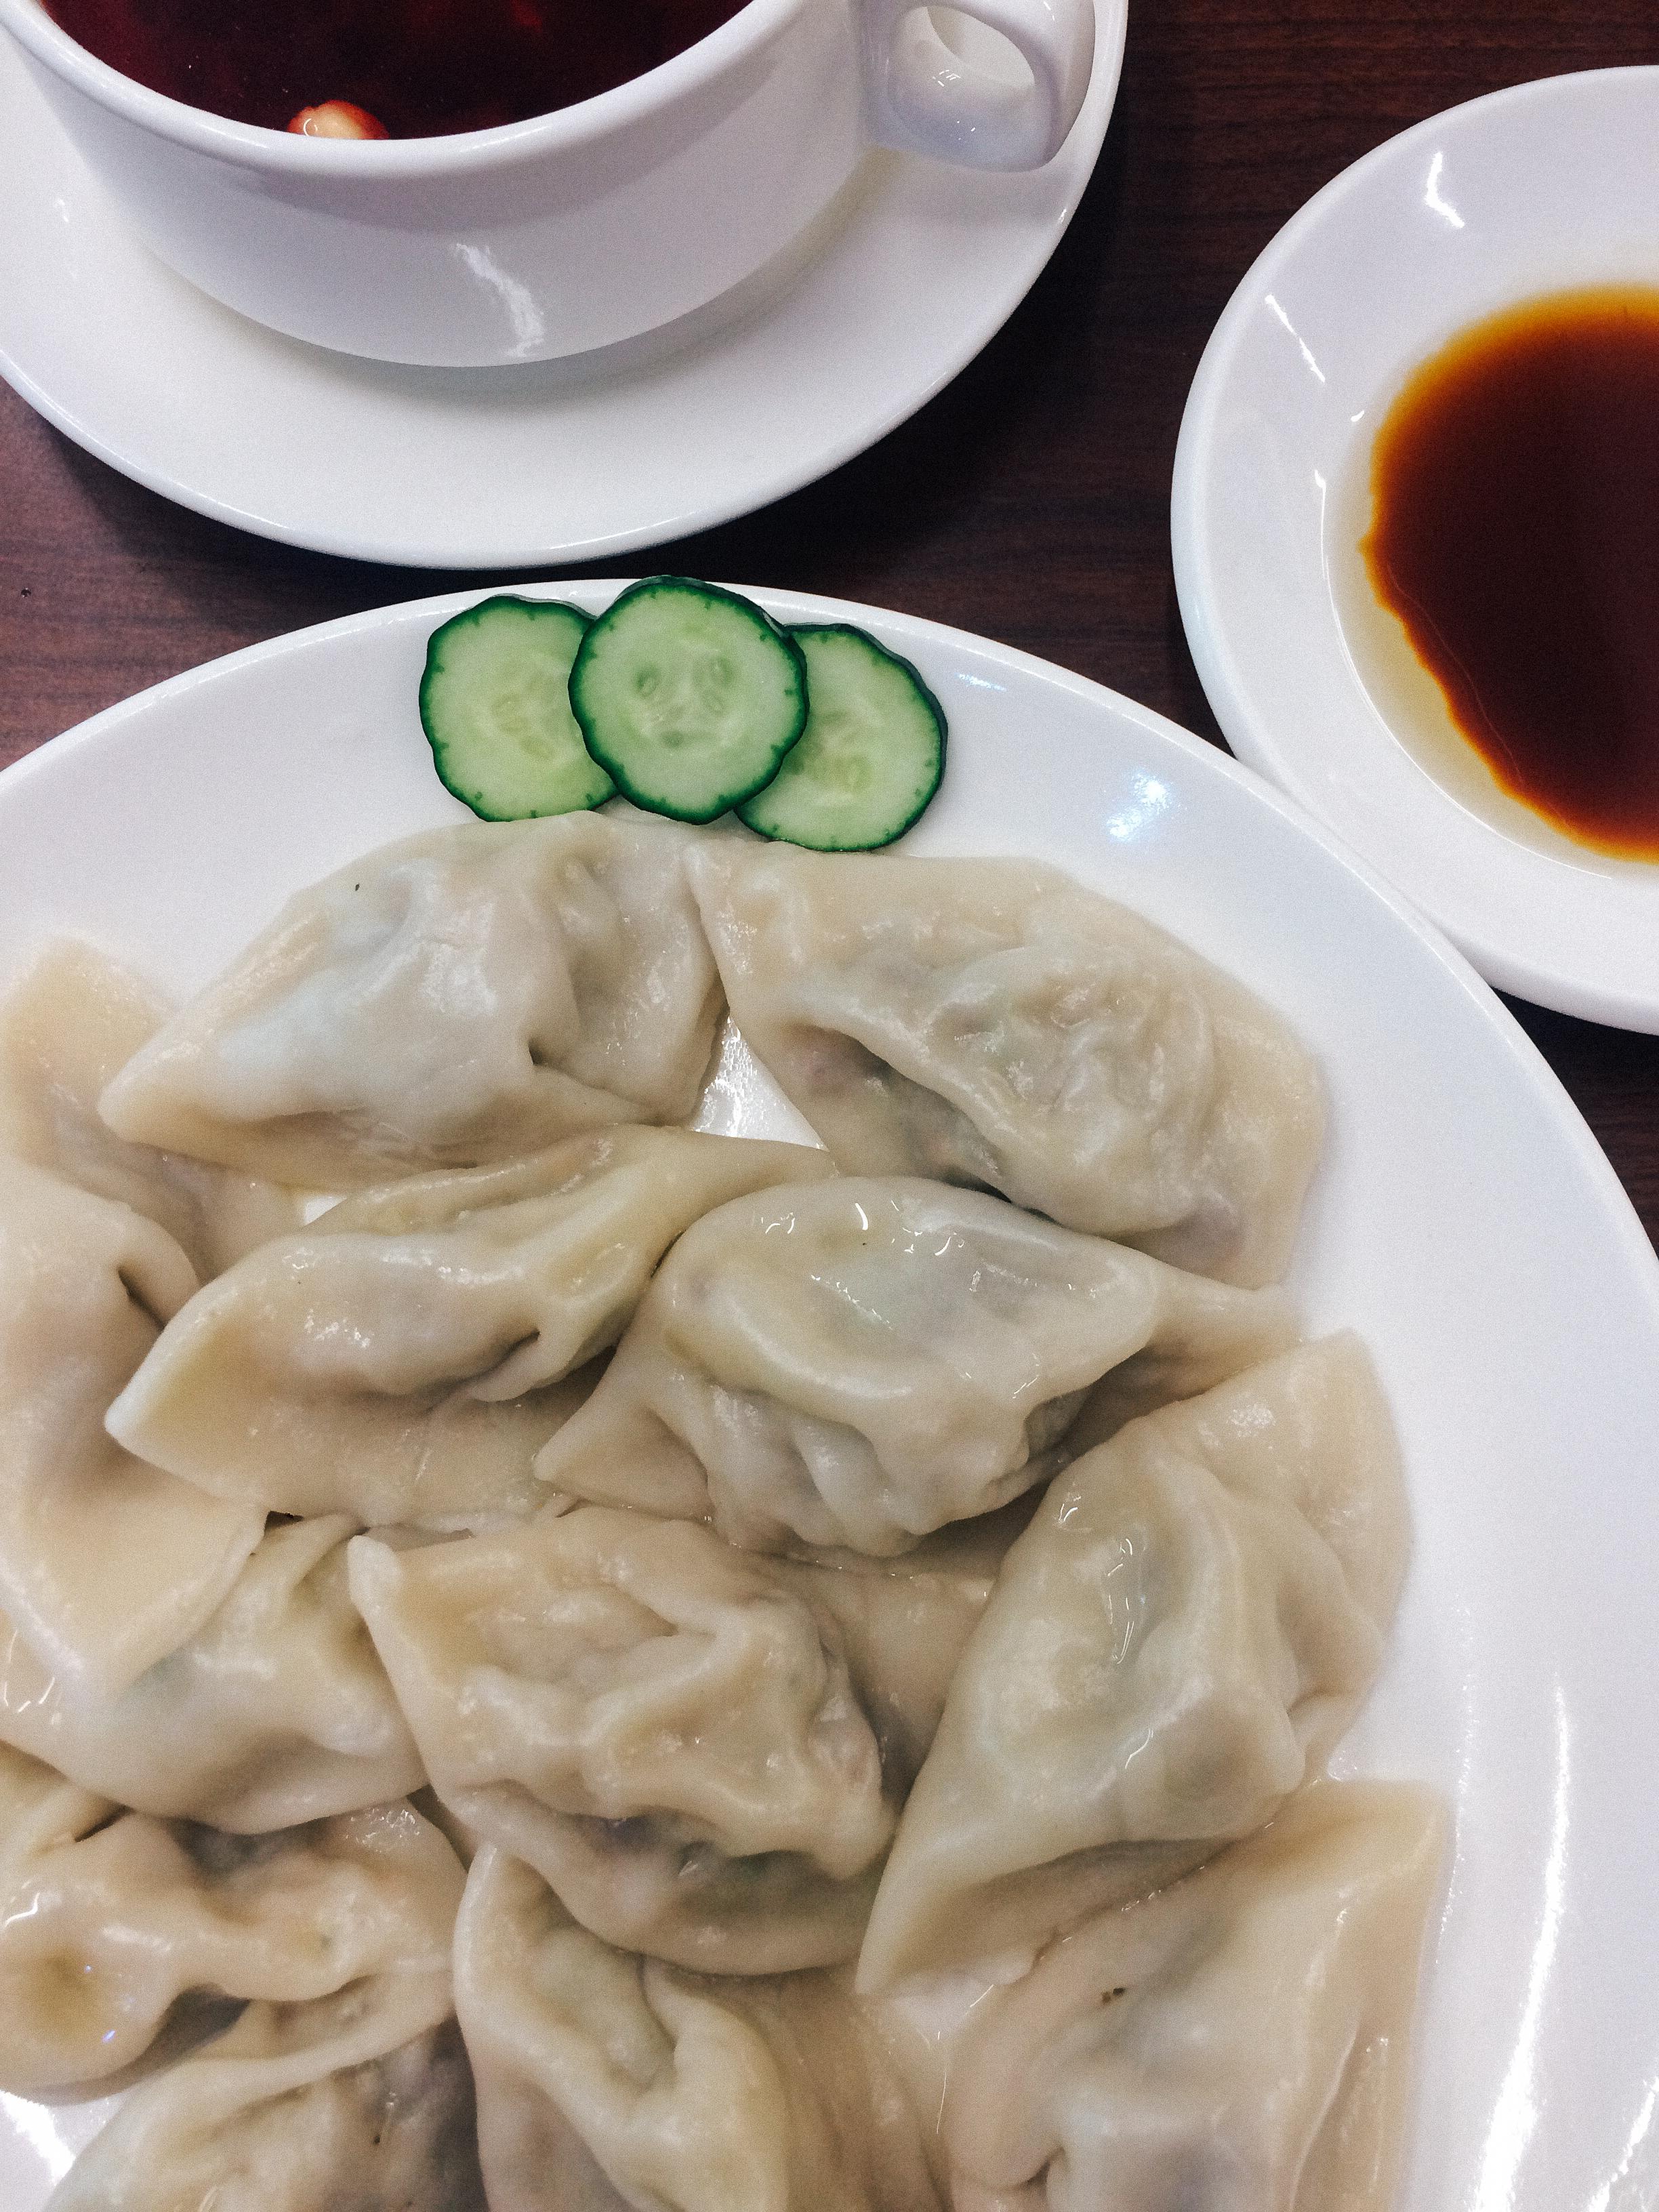 Dumplings from Tai Lai